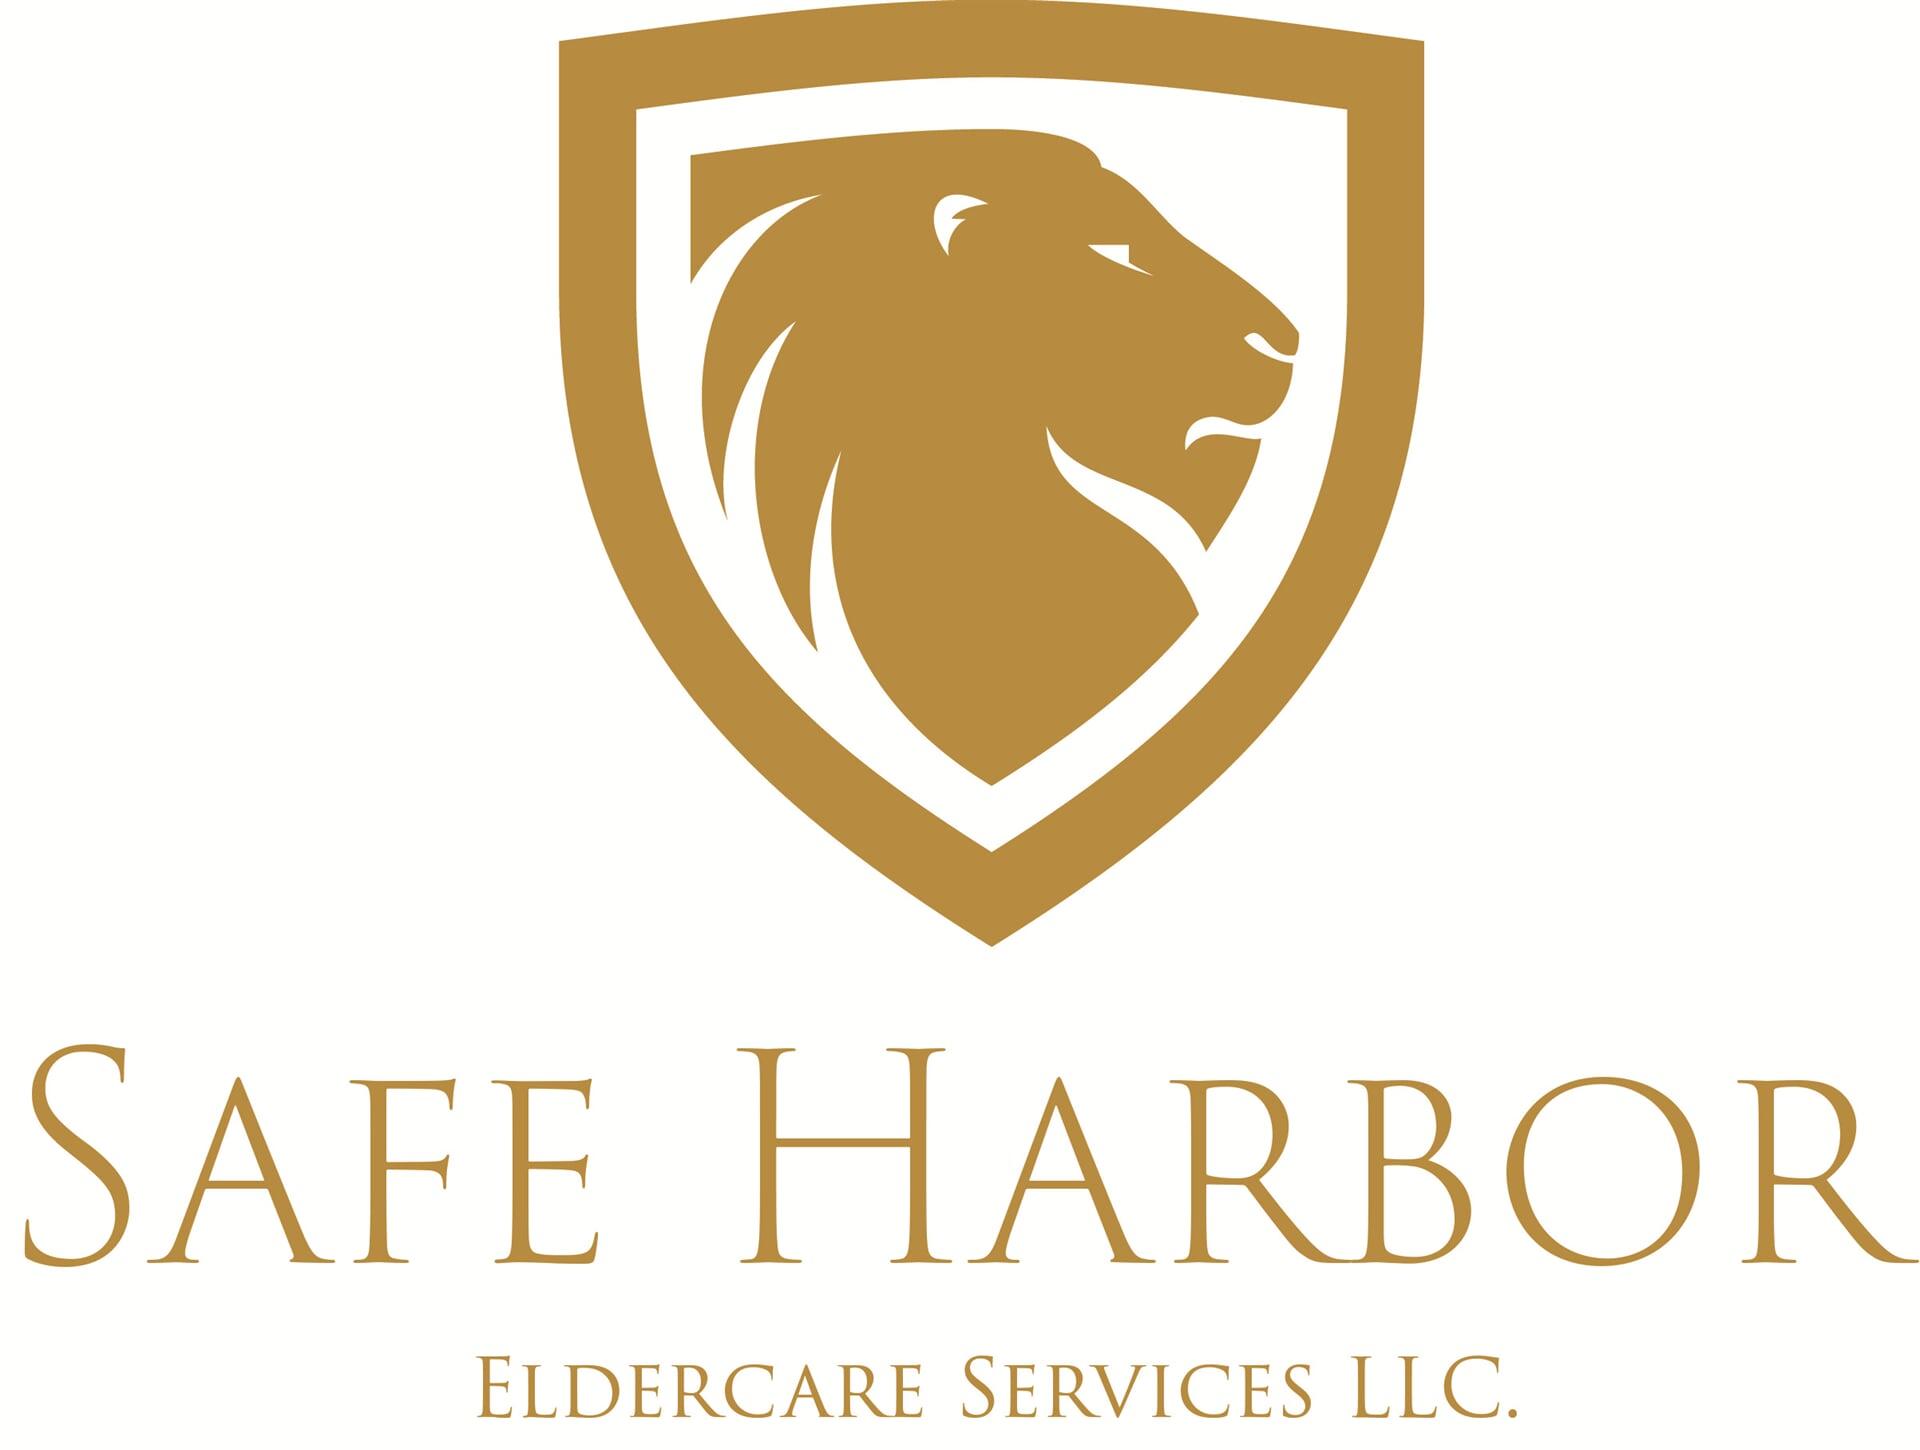 Safe Harbor Elder Care Services, LLC